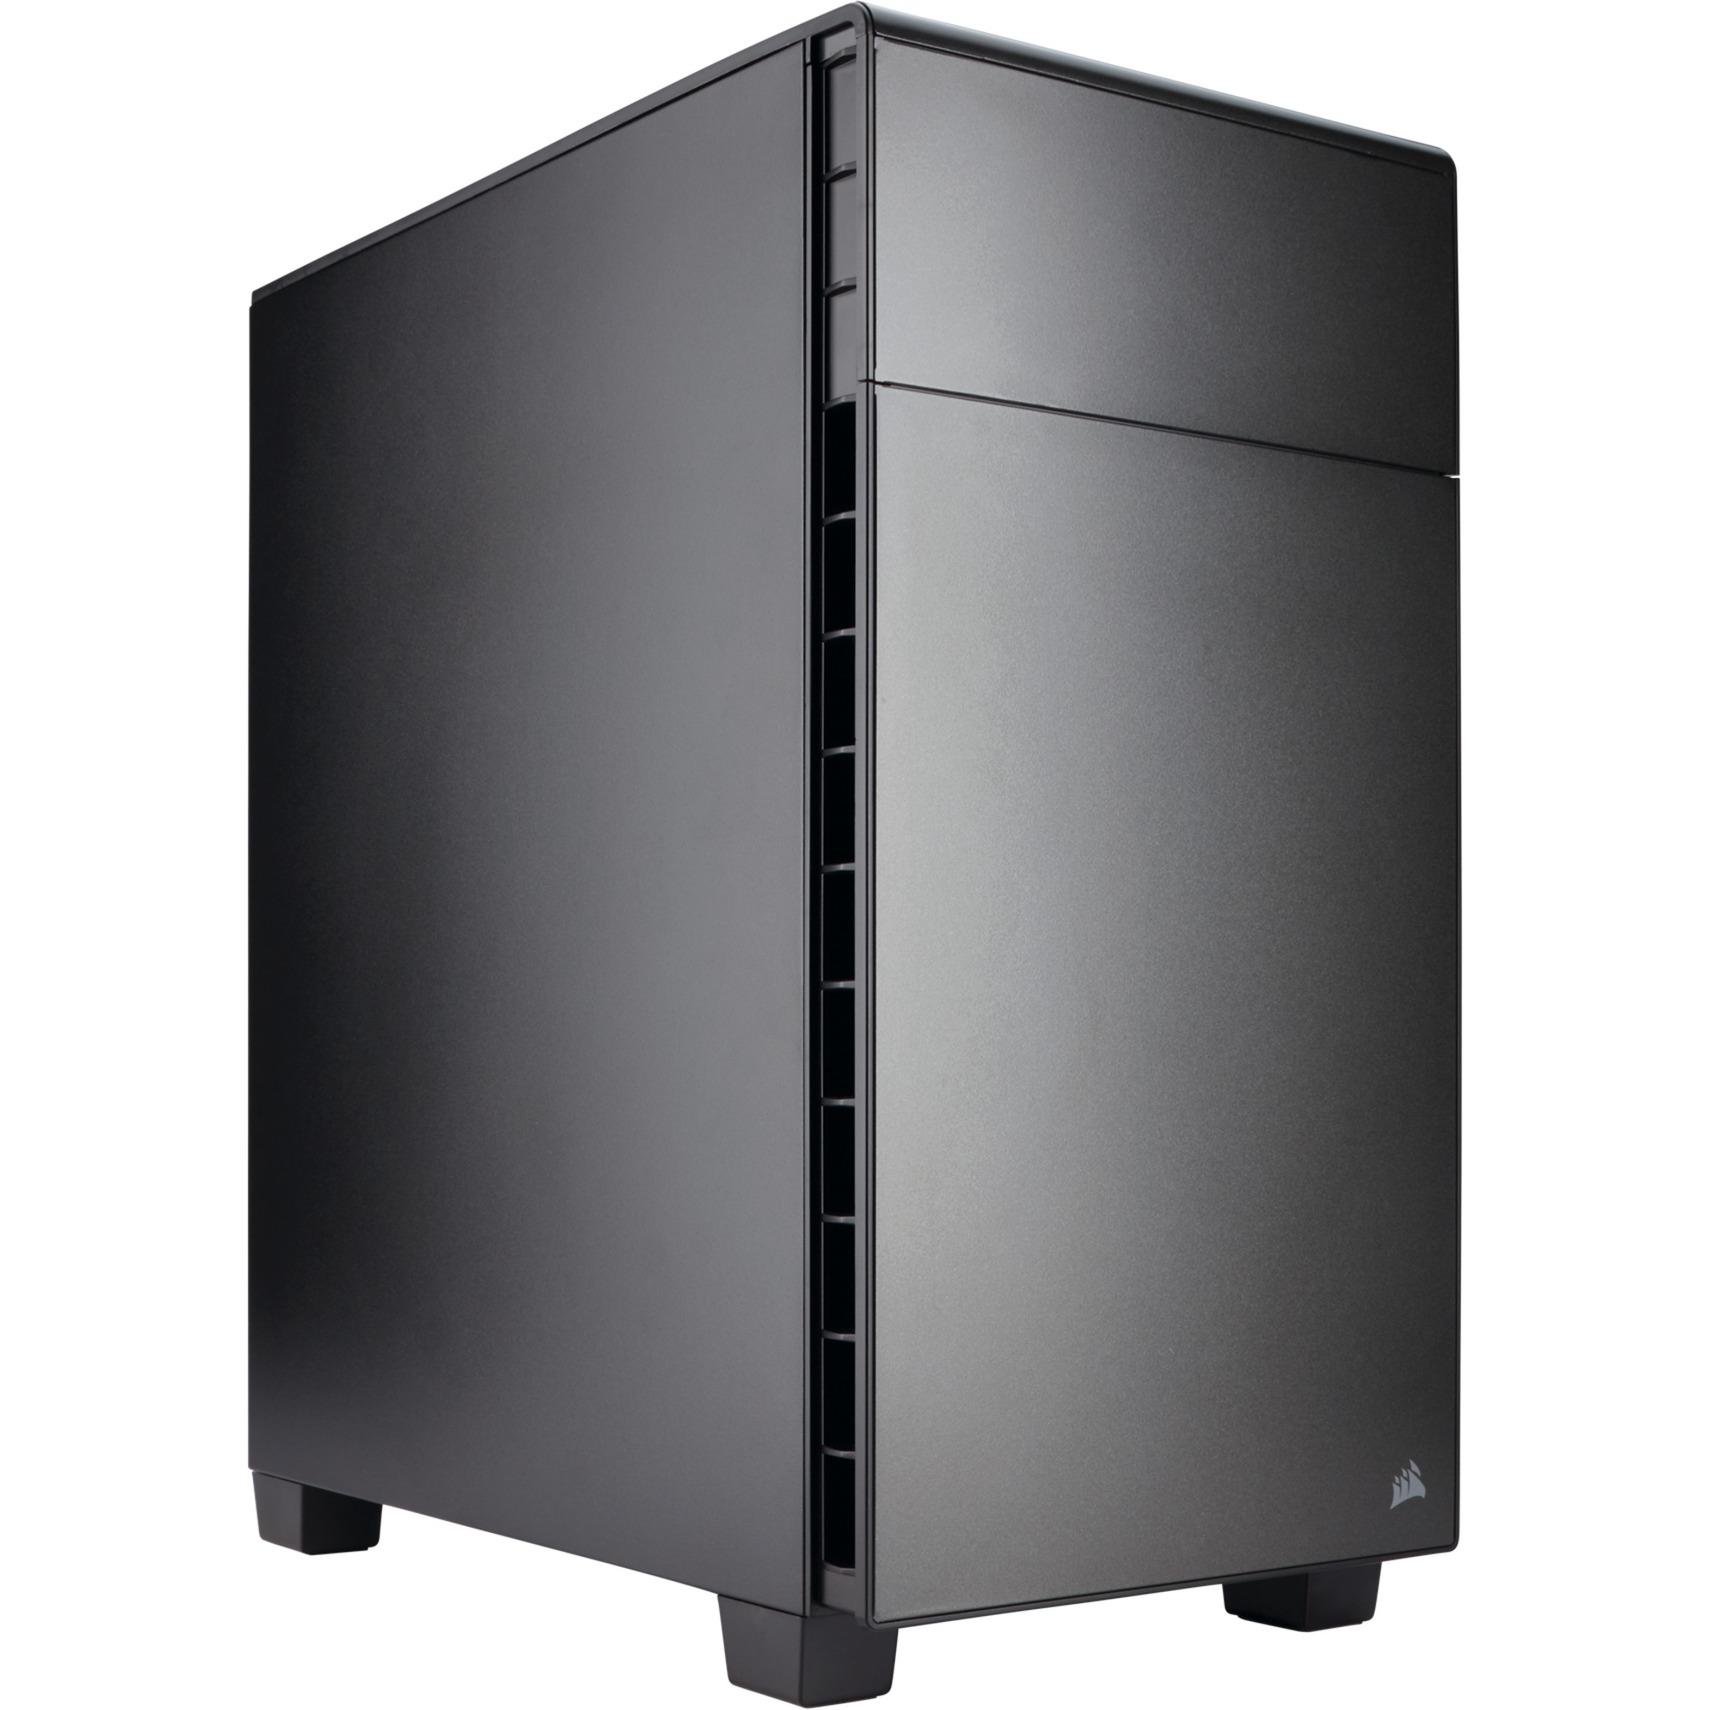 Carbide 600Q Full-Tower Noir unité centrale, Châssis mini-tour